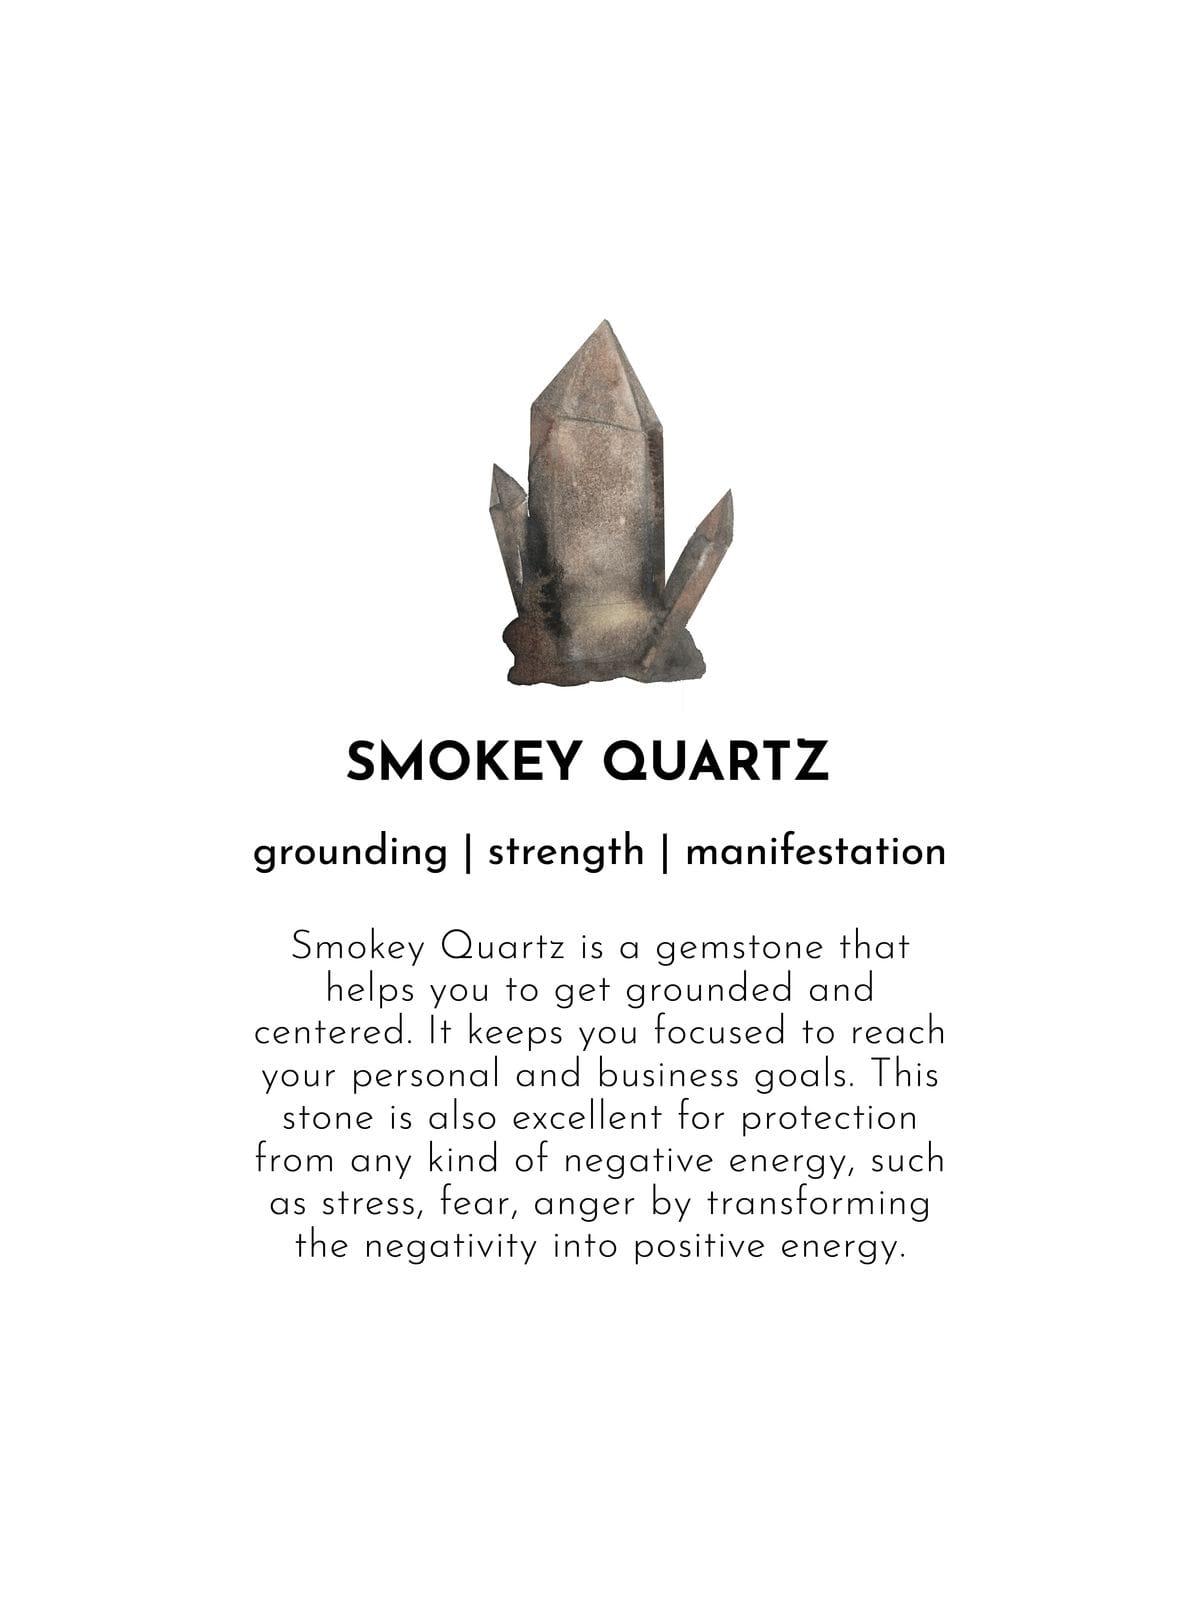 Smokey Quartz_1200x1600